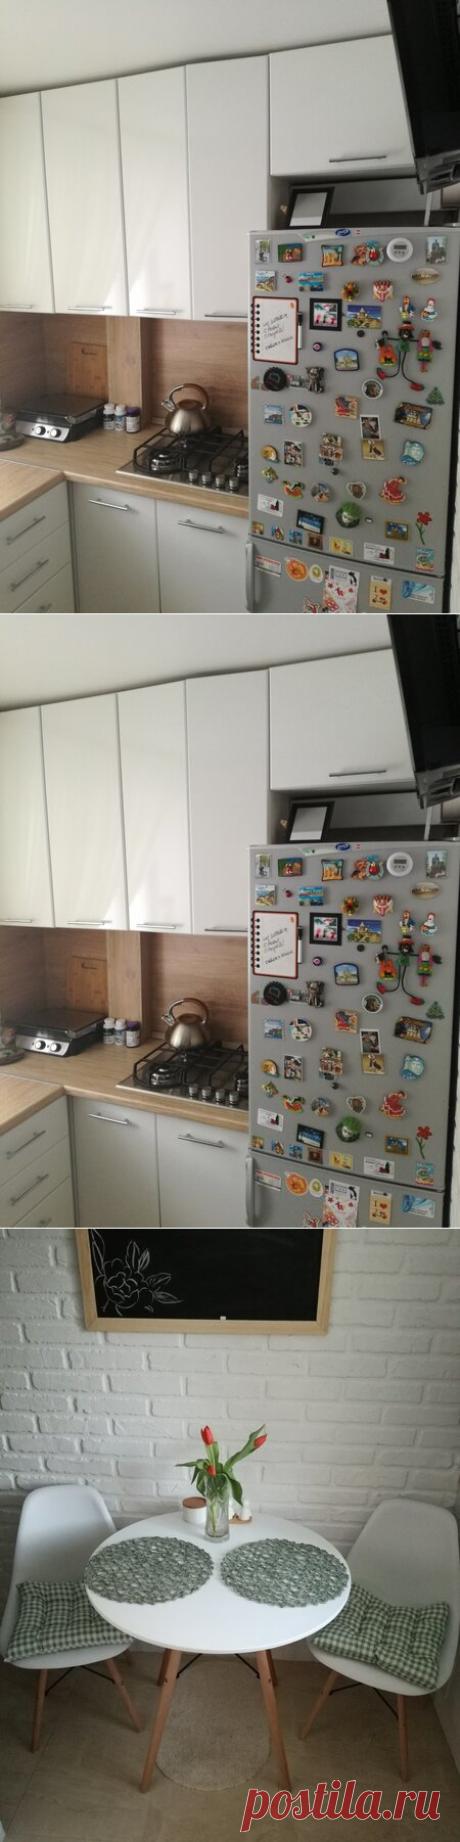 Эта кухня — воплощение моды: мойка у окна, духовка на уровне груди, стулья Eames, на стенах кирпичик и грифельная доска. Узнать тут!